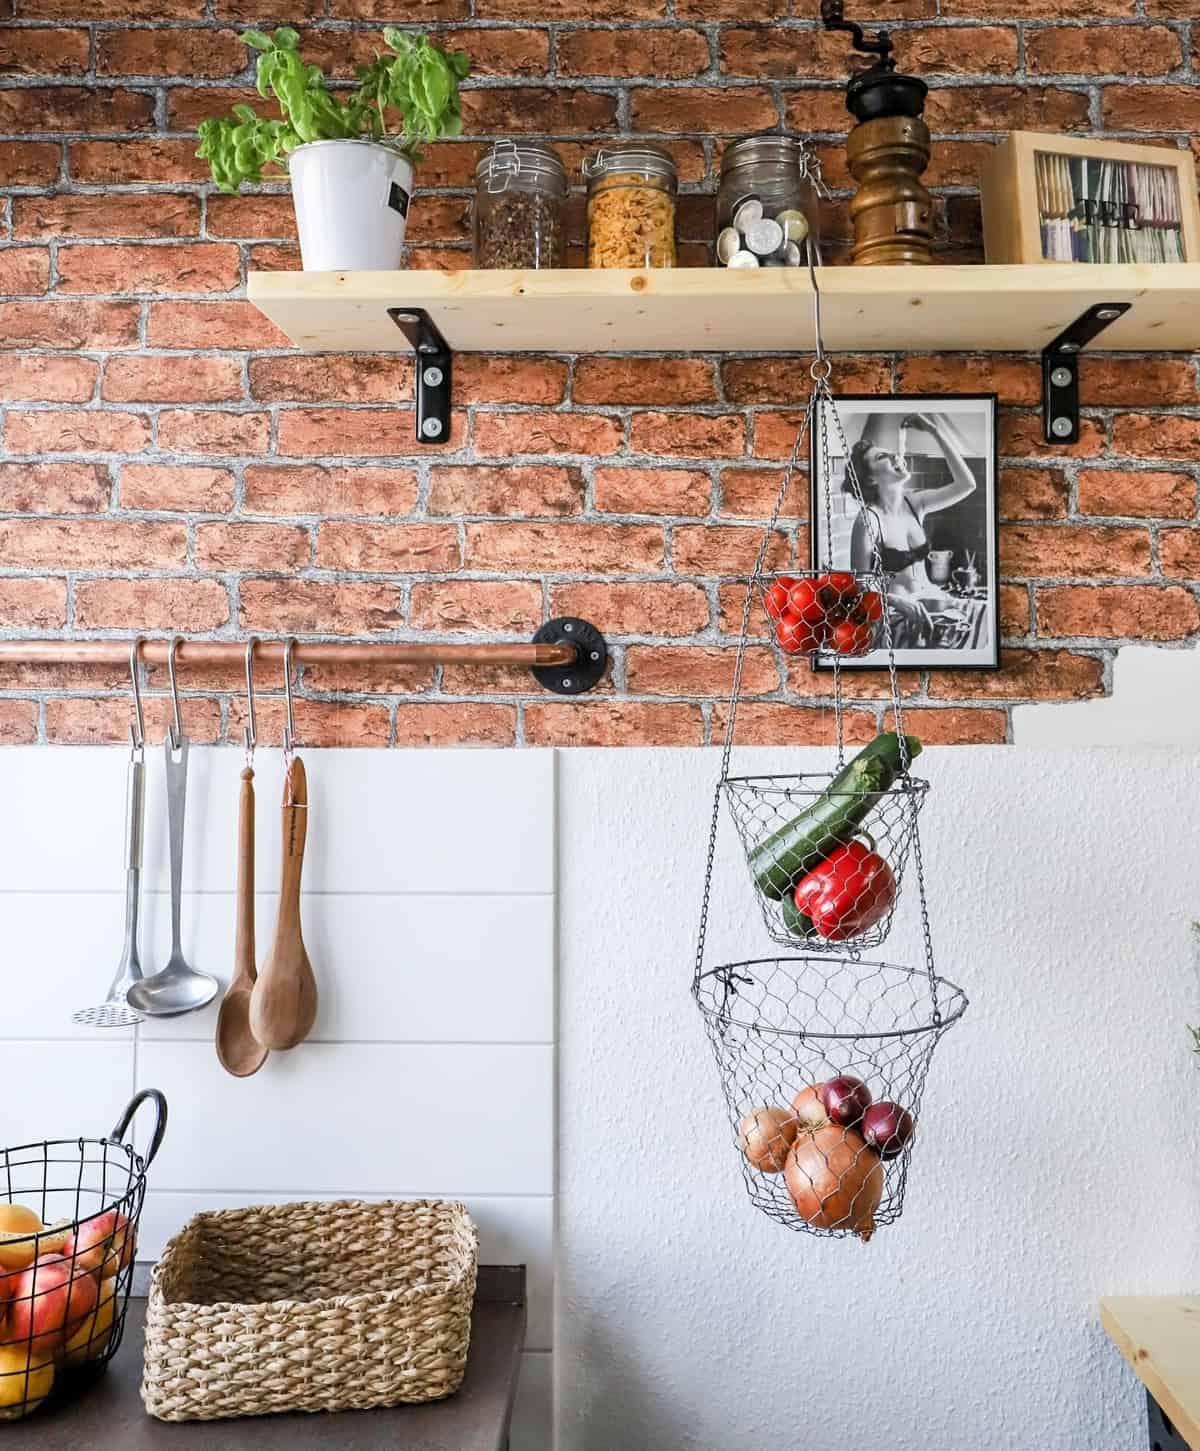 Full Size of Bartisch Mit Regal Küche Raumspar Regal Küche Regal Küche Edelstahl Getränkekisten Regal Küche Küche Regal Küche